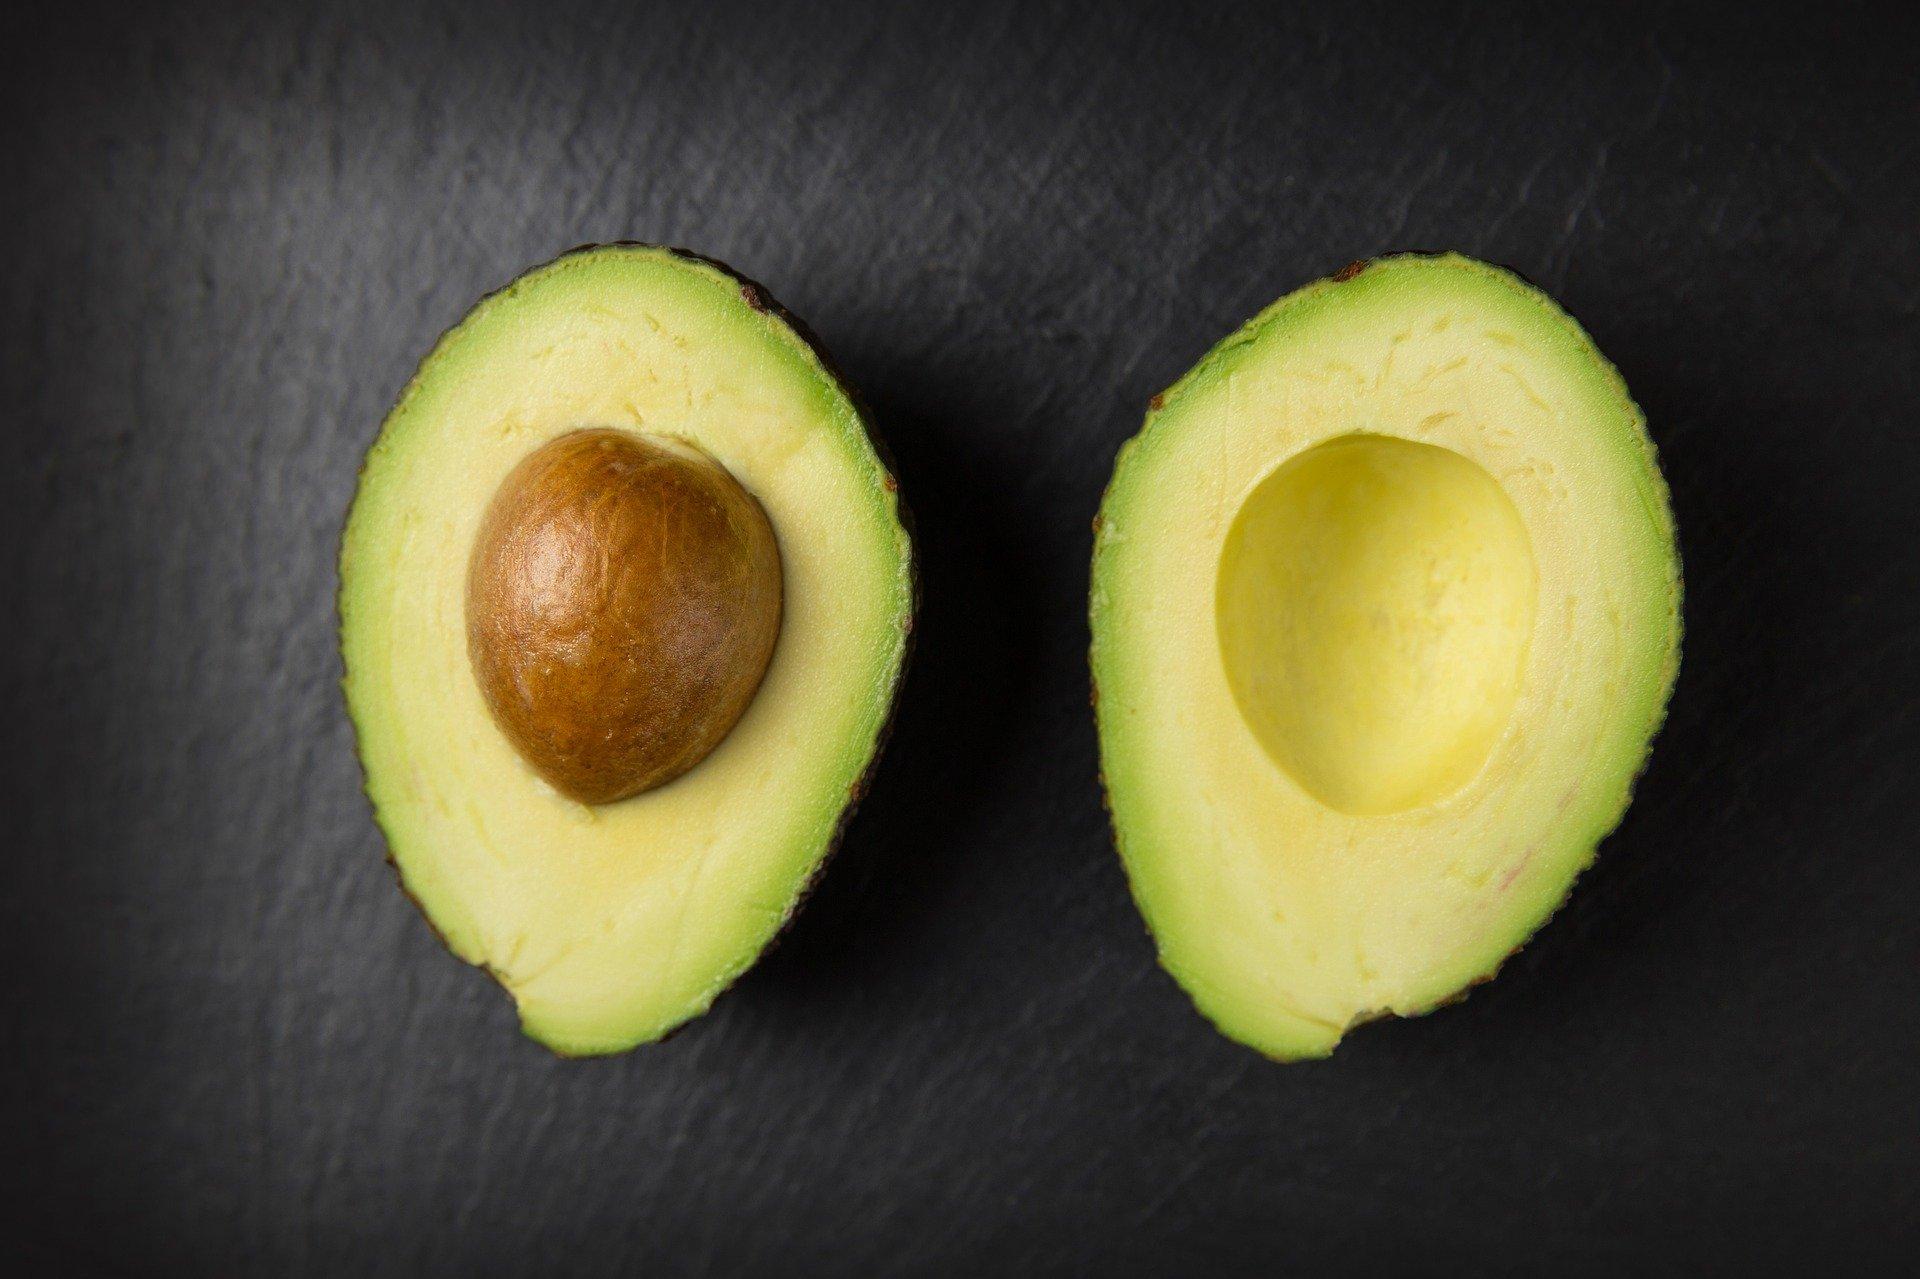 En français, ce mot désigne deux choses bien distinctes, qui ne se rencontrent guère, sauf quand l'un mange l'autre, et encore, pas inversement ! Pourquoi le fruit et le professionnel du droit portent-ils donc le même nom ?